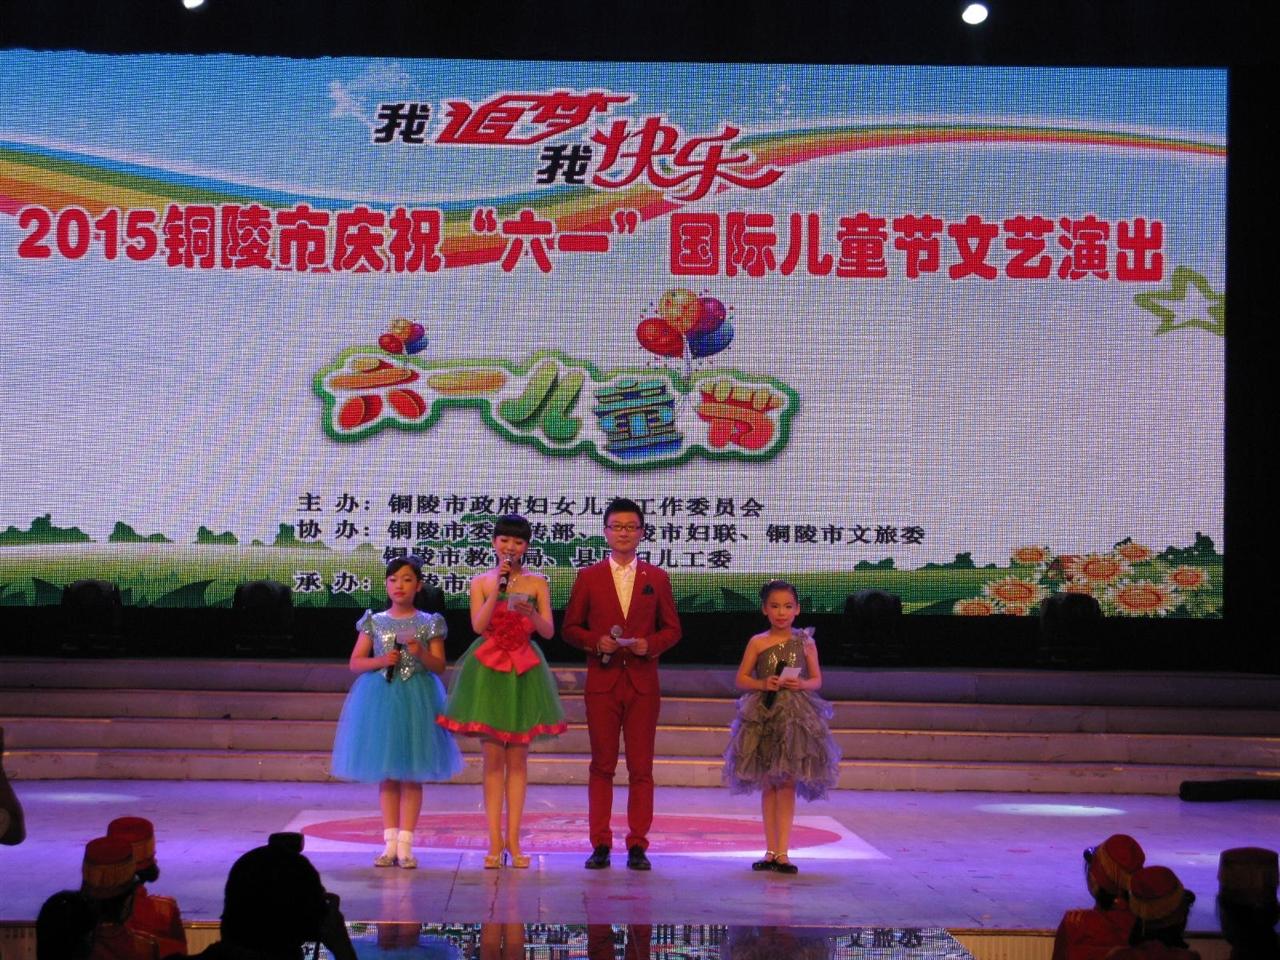 """2015年5月29日市文化馆承办了2015铜陵市庆祝""""六一""""国际儿童节文艺演出"""